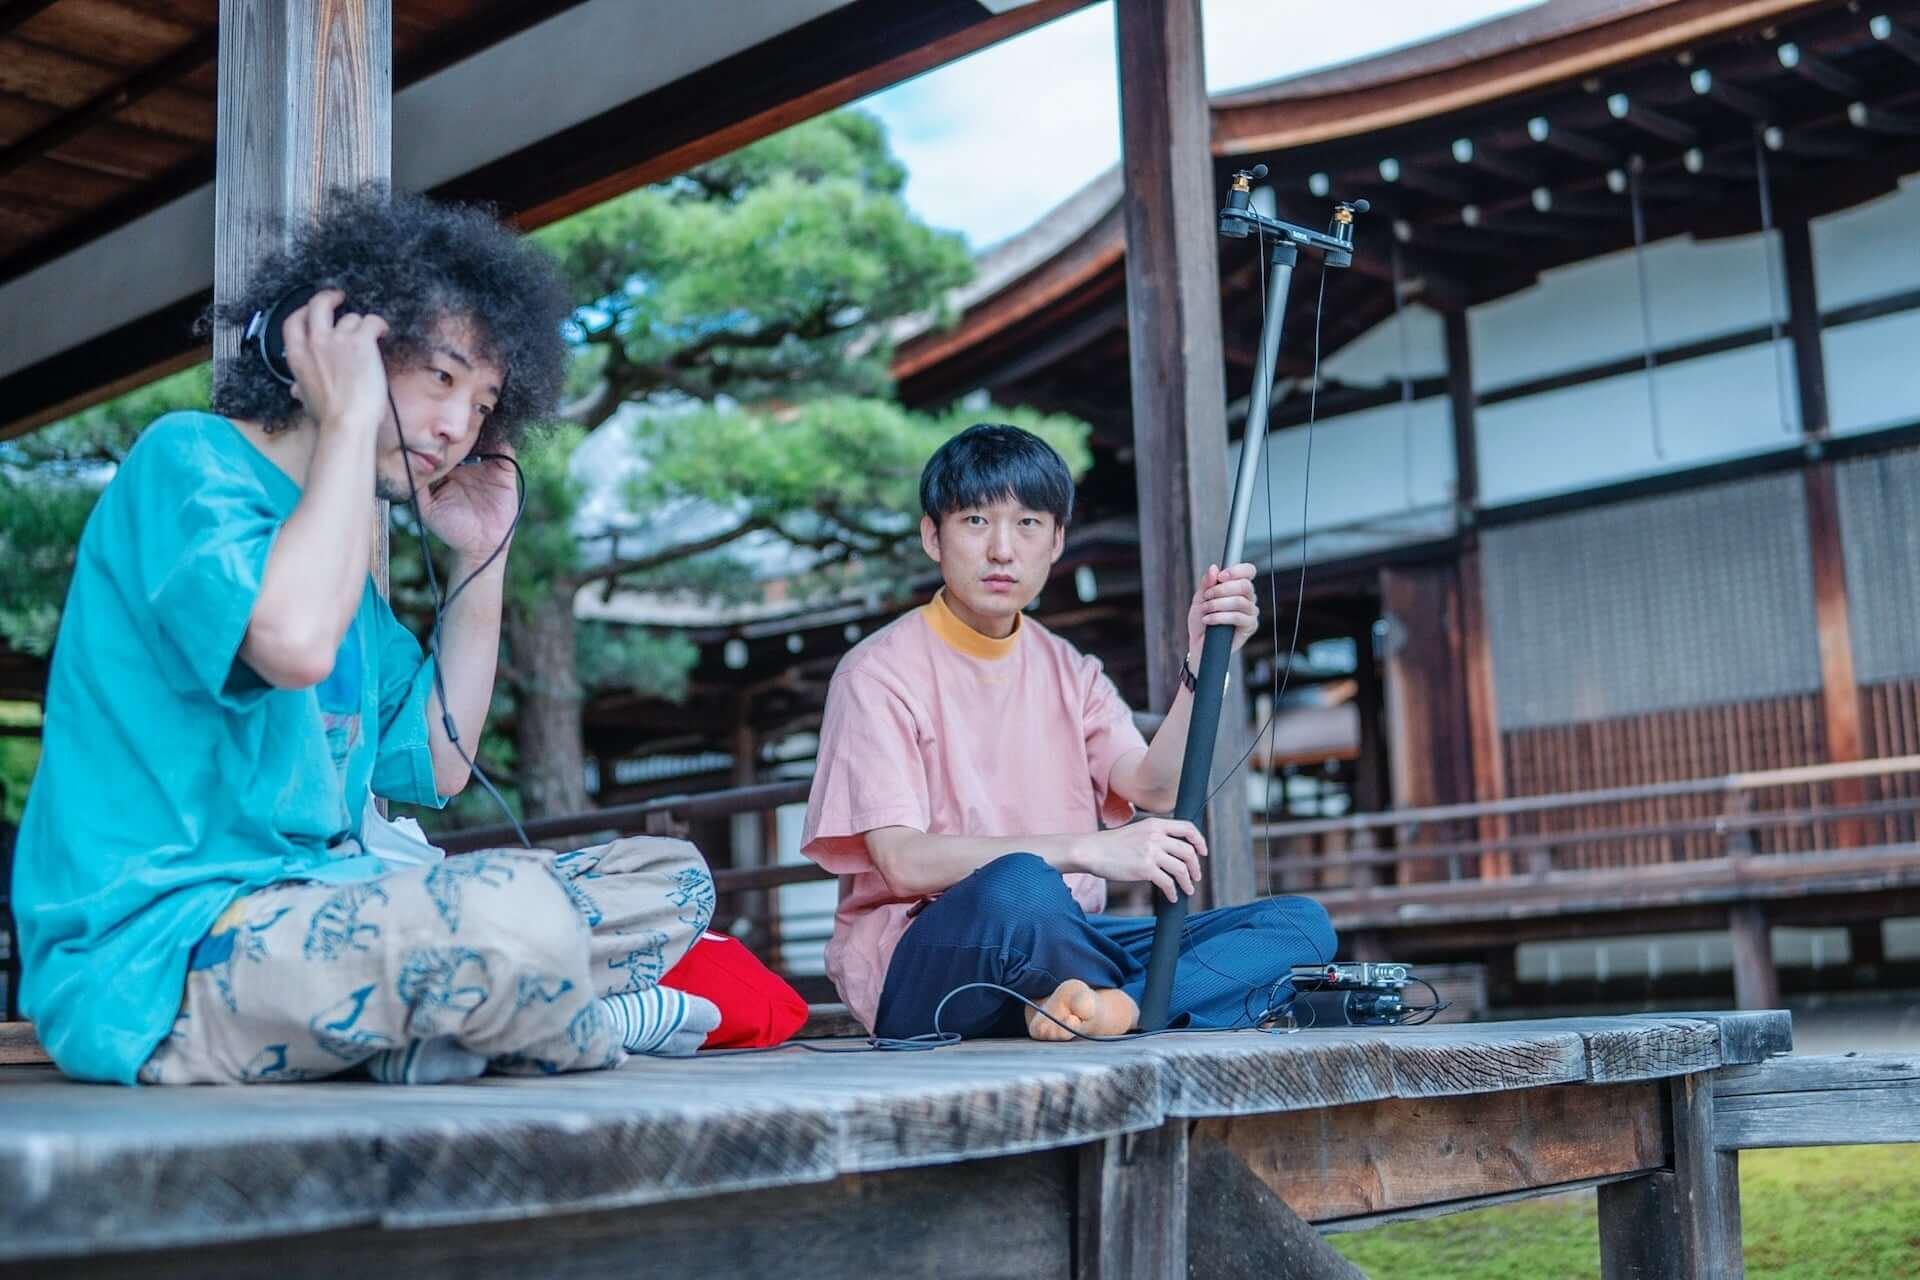 青葉市子、蓮沼執太、U-zhaan、haruka nakamura、Chihei Hatakeyamaらが参加!音楽作品『SOUND TRIP』の第2弾がリリース music210107_sound-trip_6-1920x1280